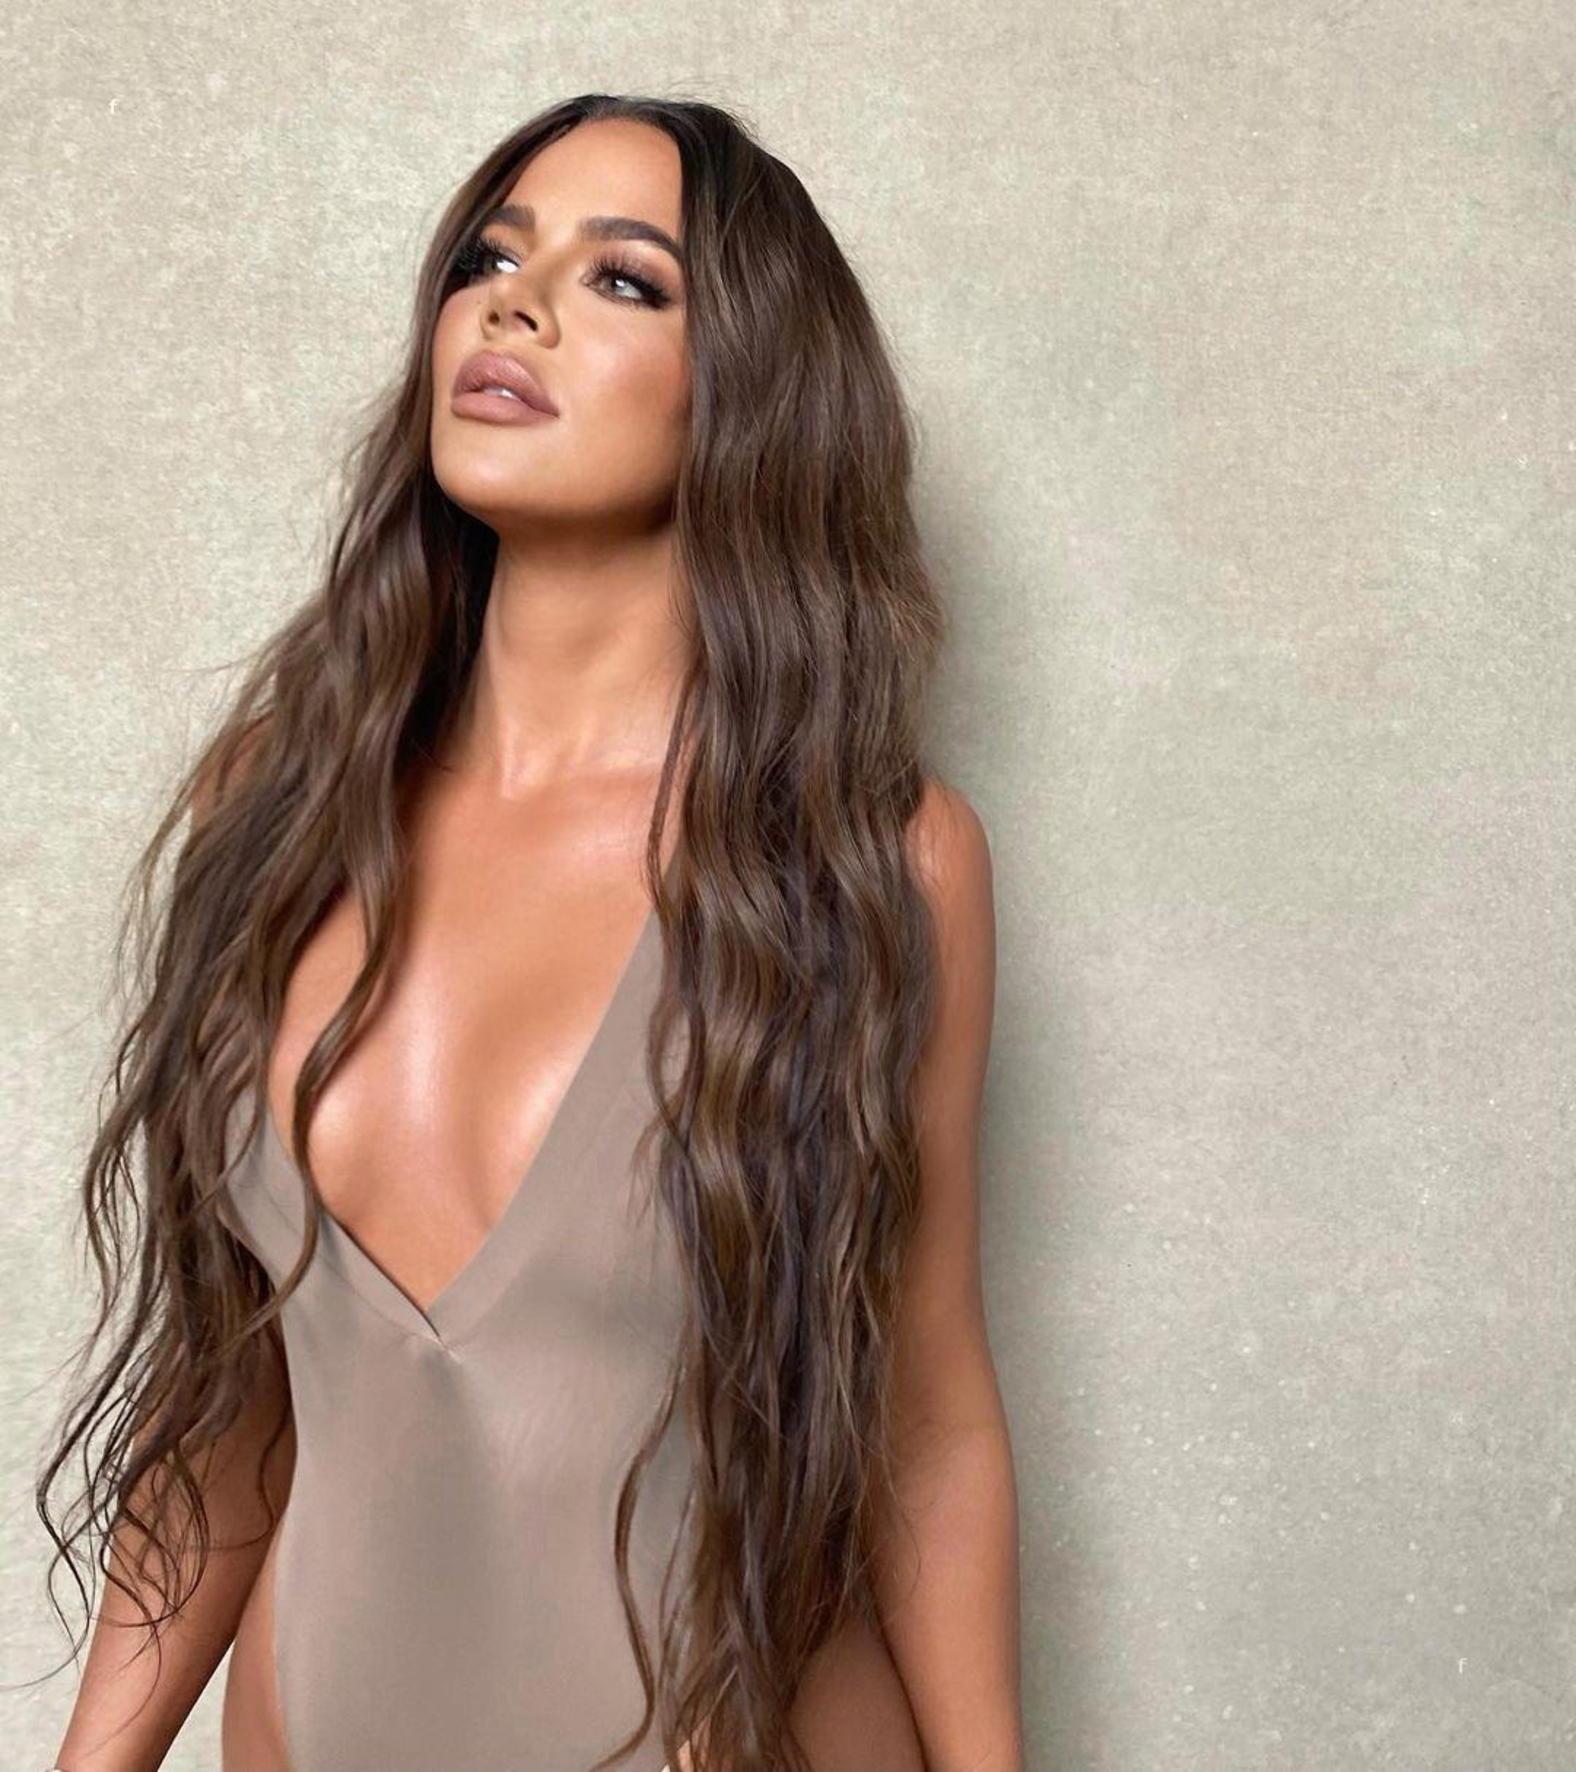 Amenințări cu moartea între doi jucători din NBA pentru Khloe Kardashian